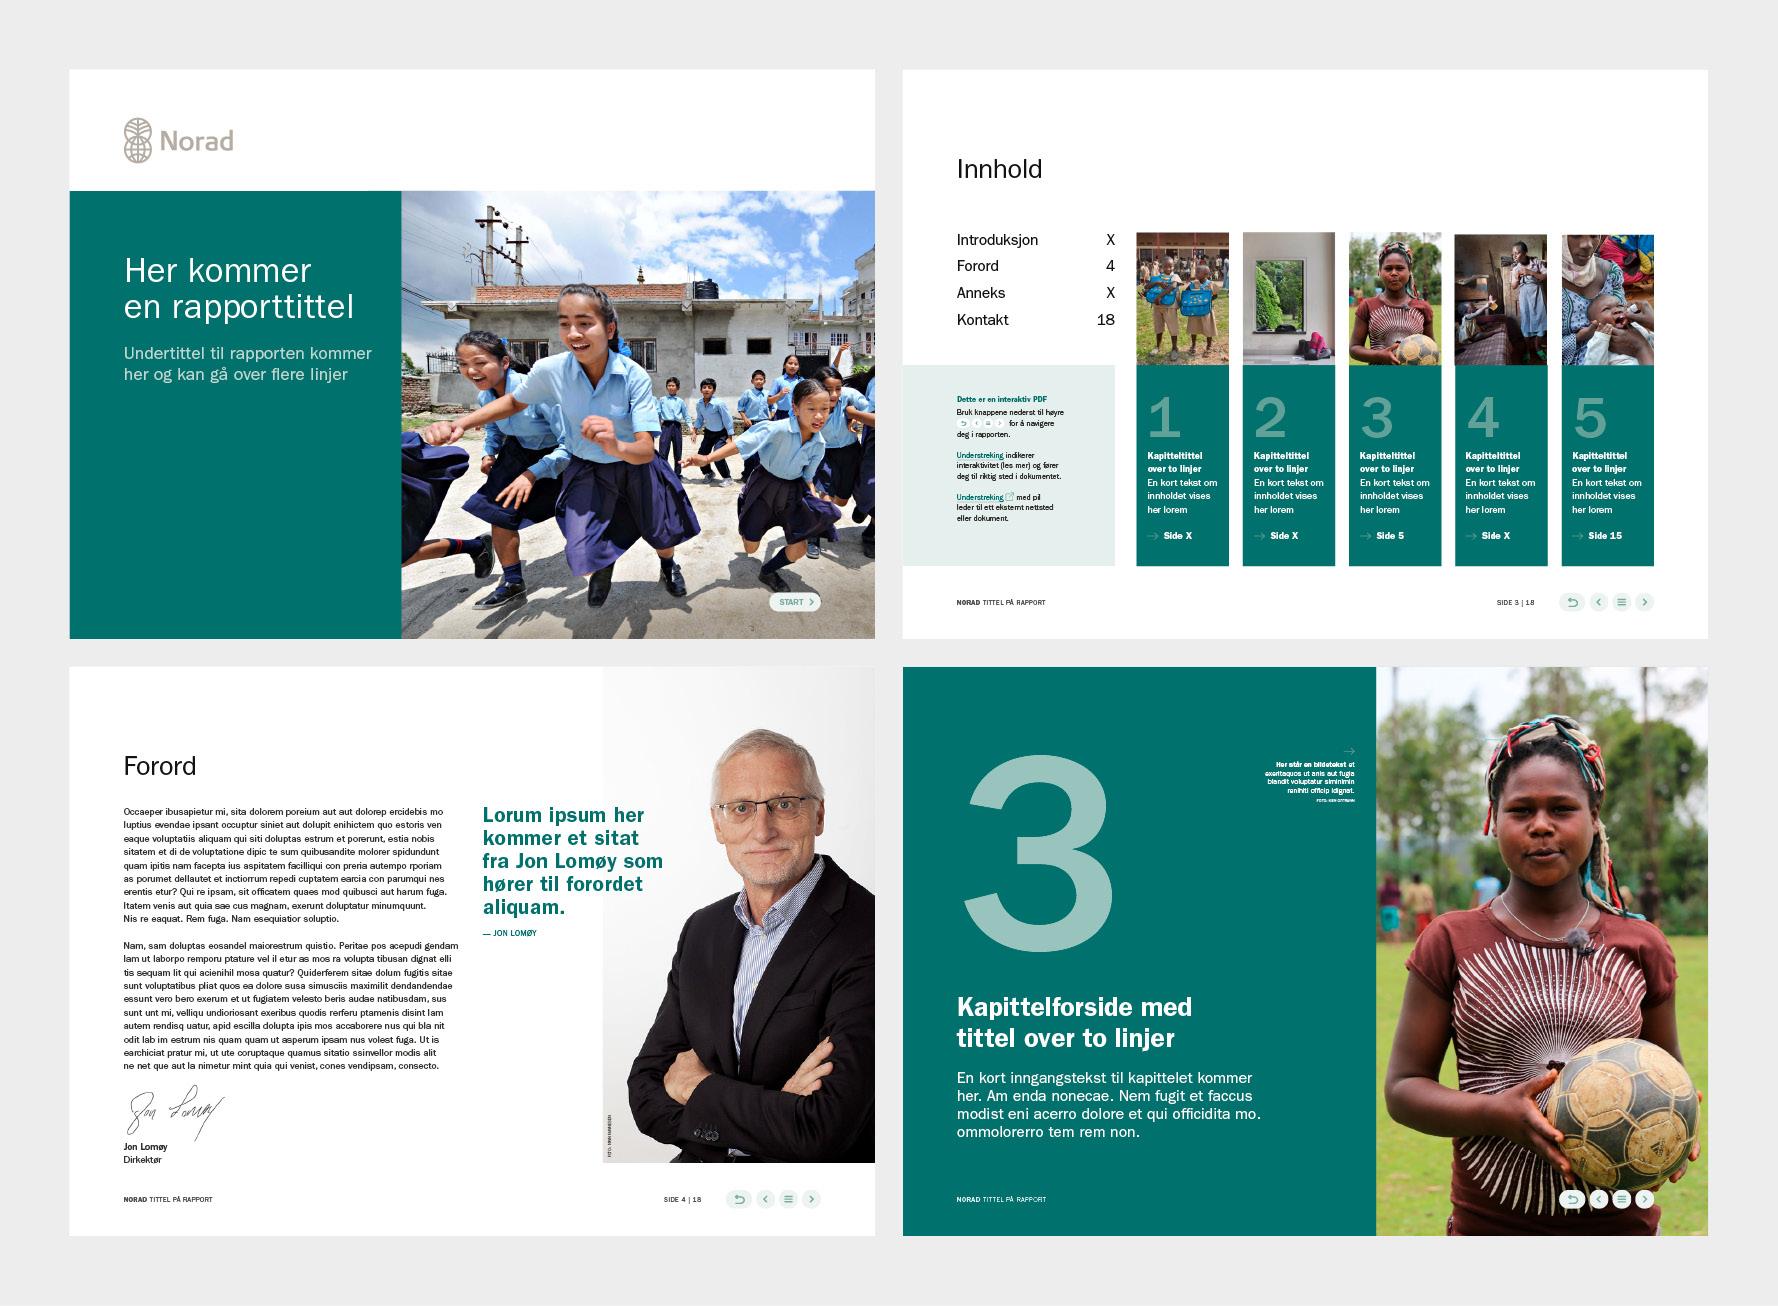 Norad rapport forside, innholdsfortegnelse forord og kapittelside